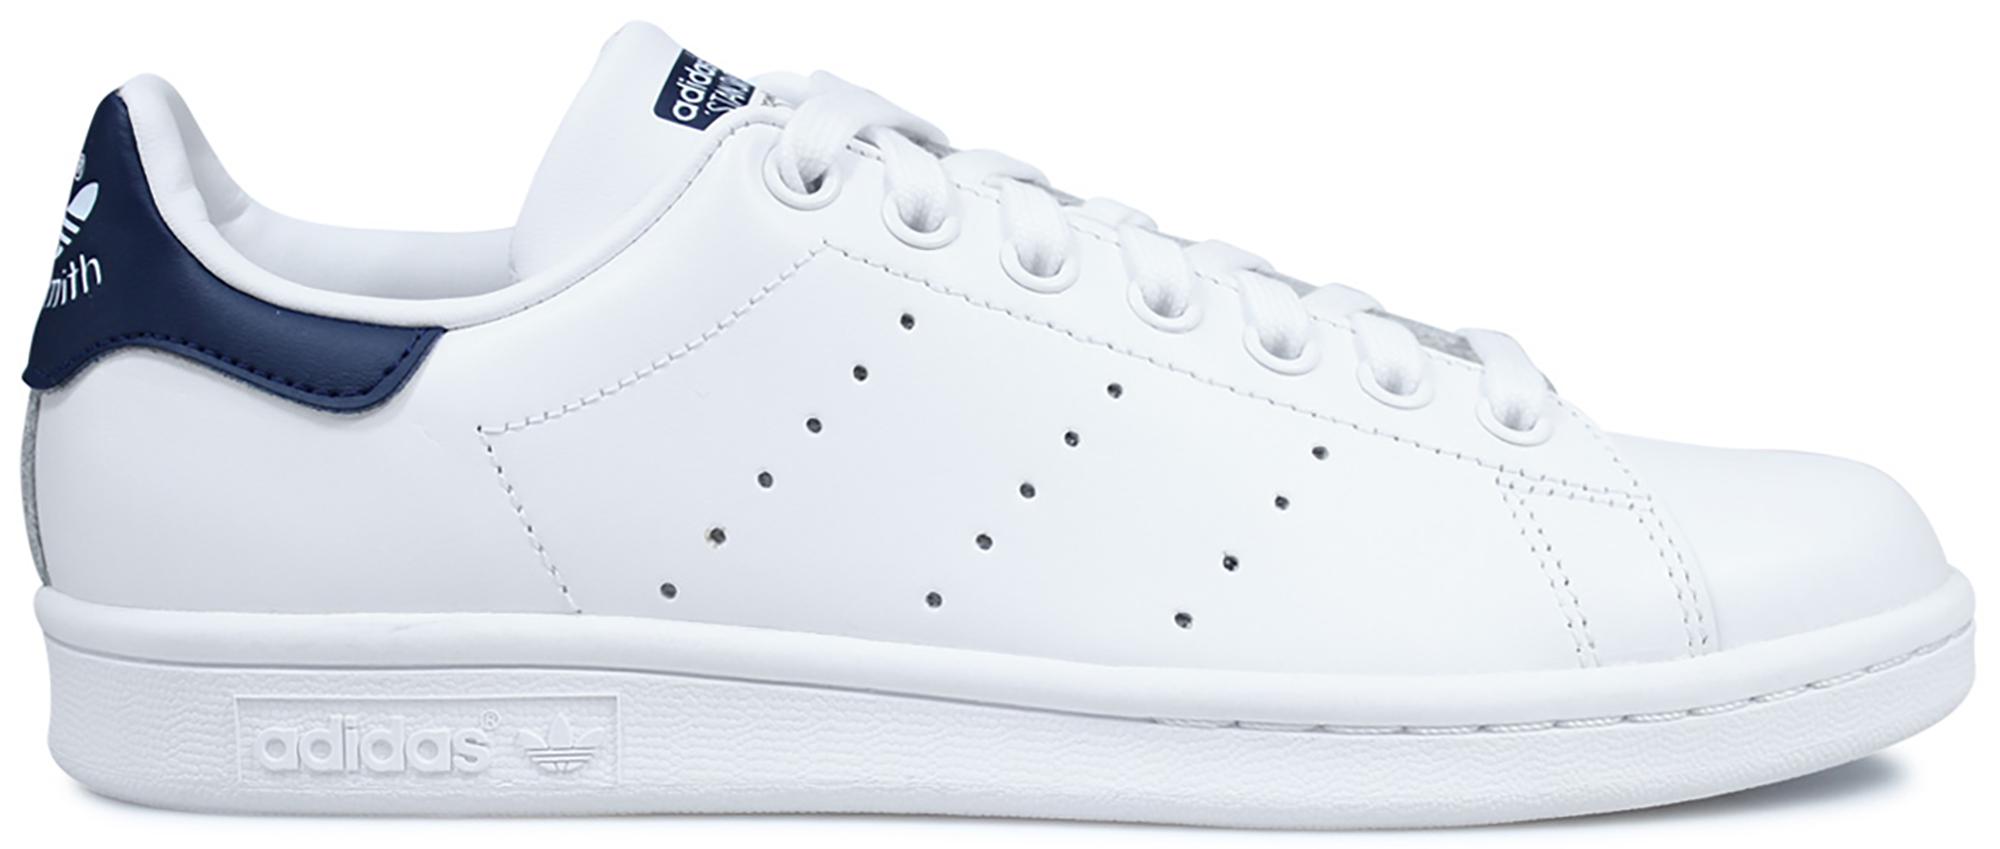 adidas Stan Smith White Navy 2020 (W